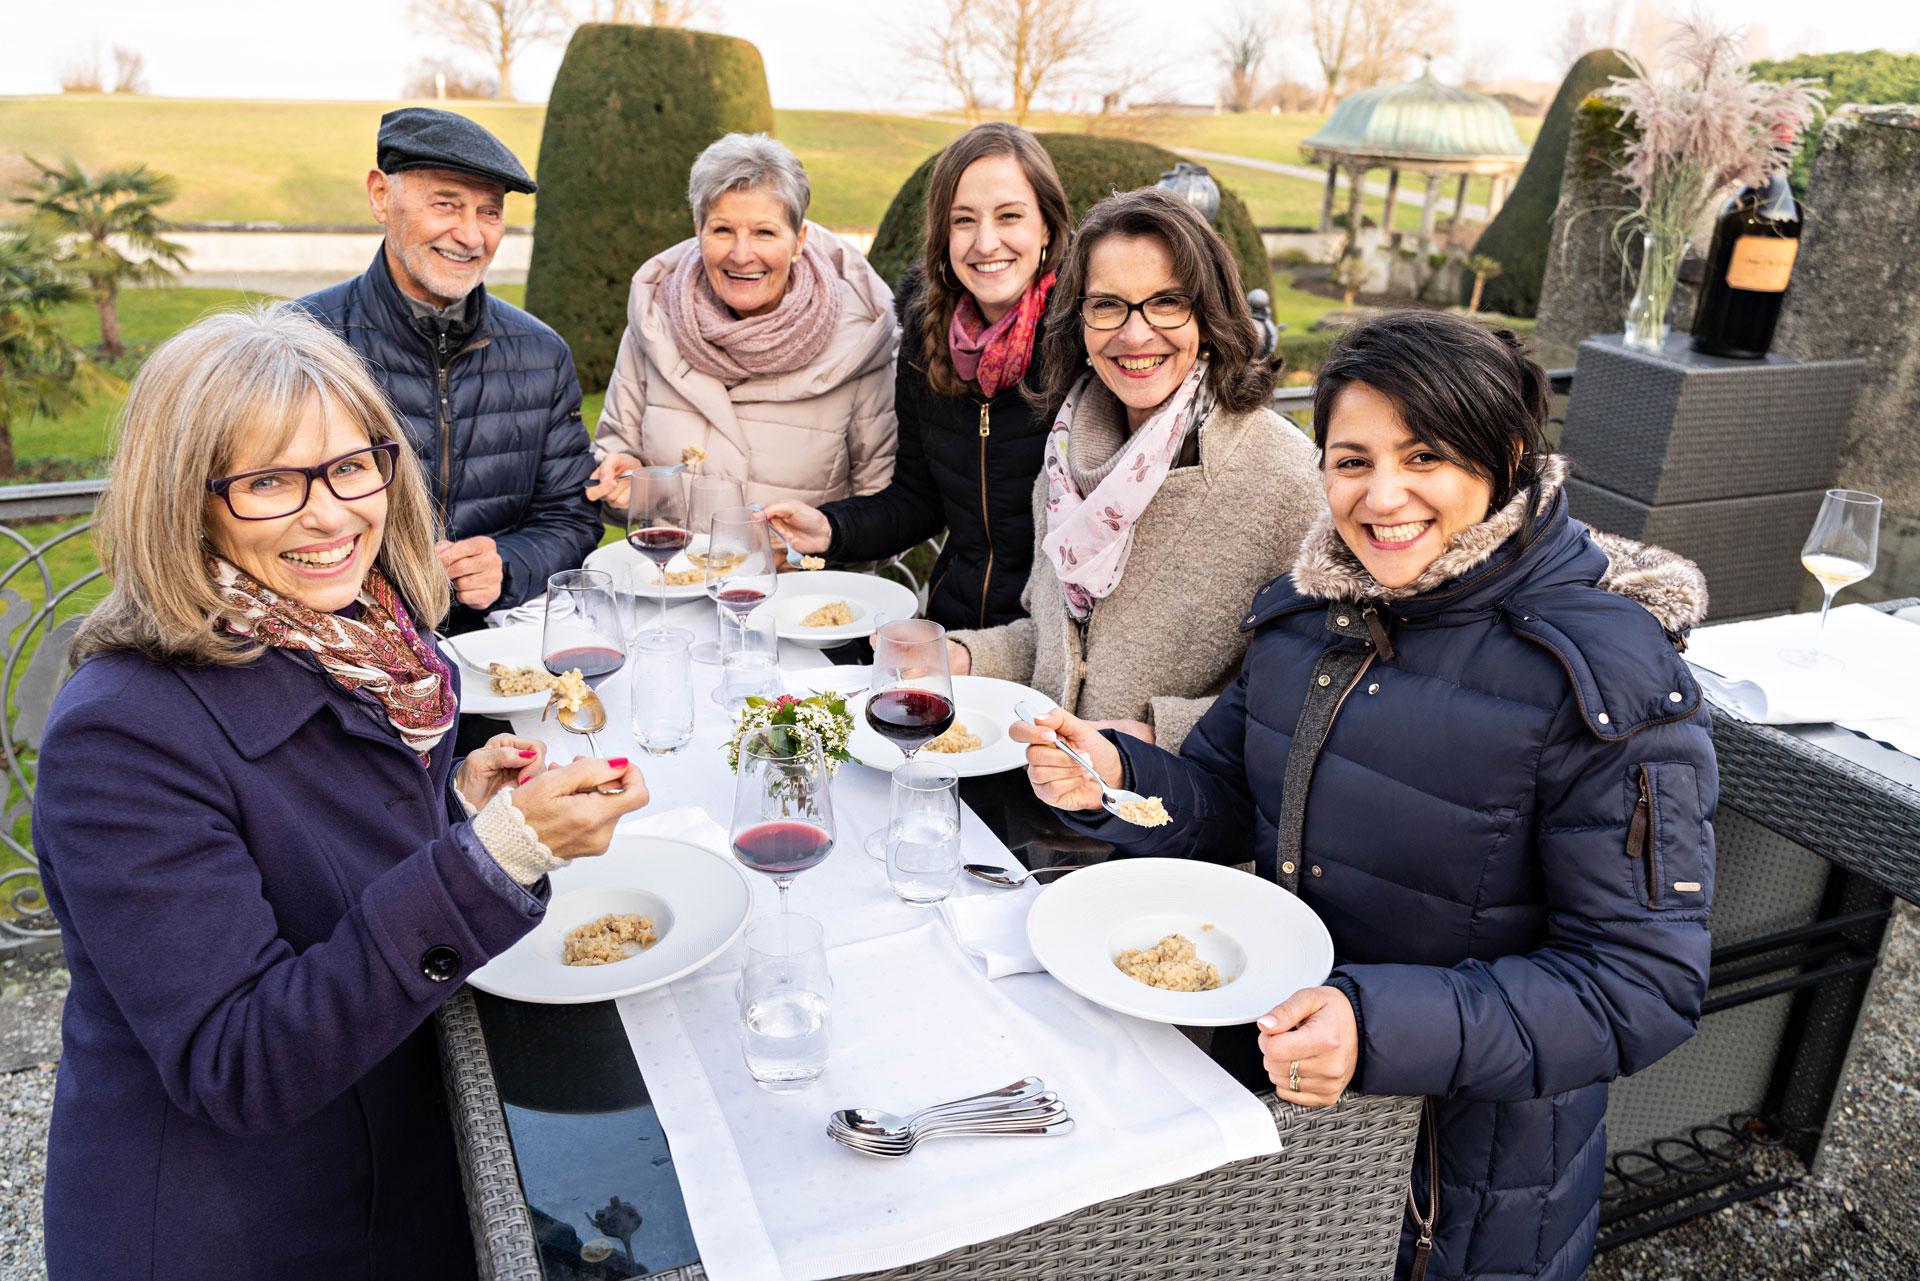 Schwiizer Grill 4 seasons mieten